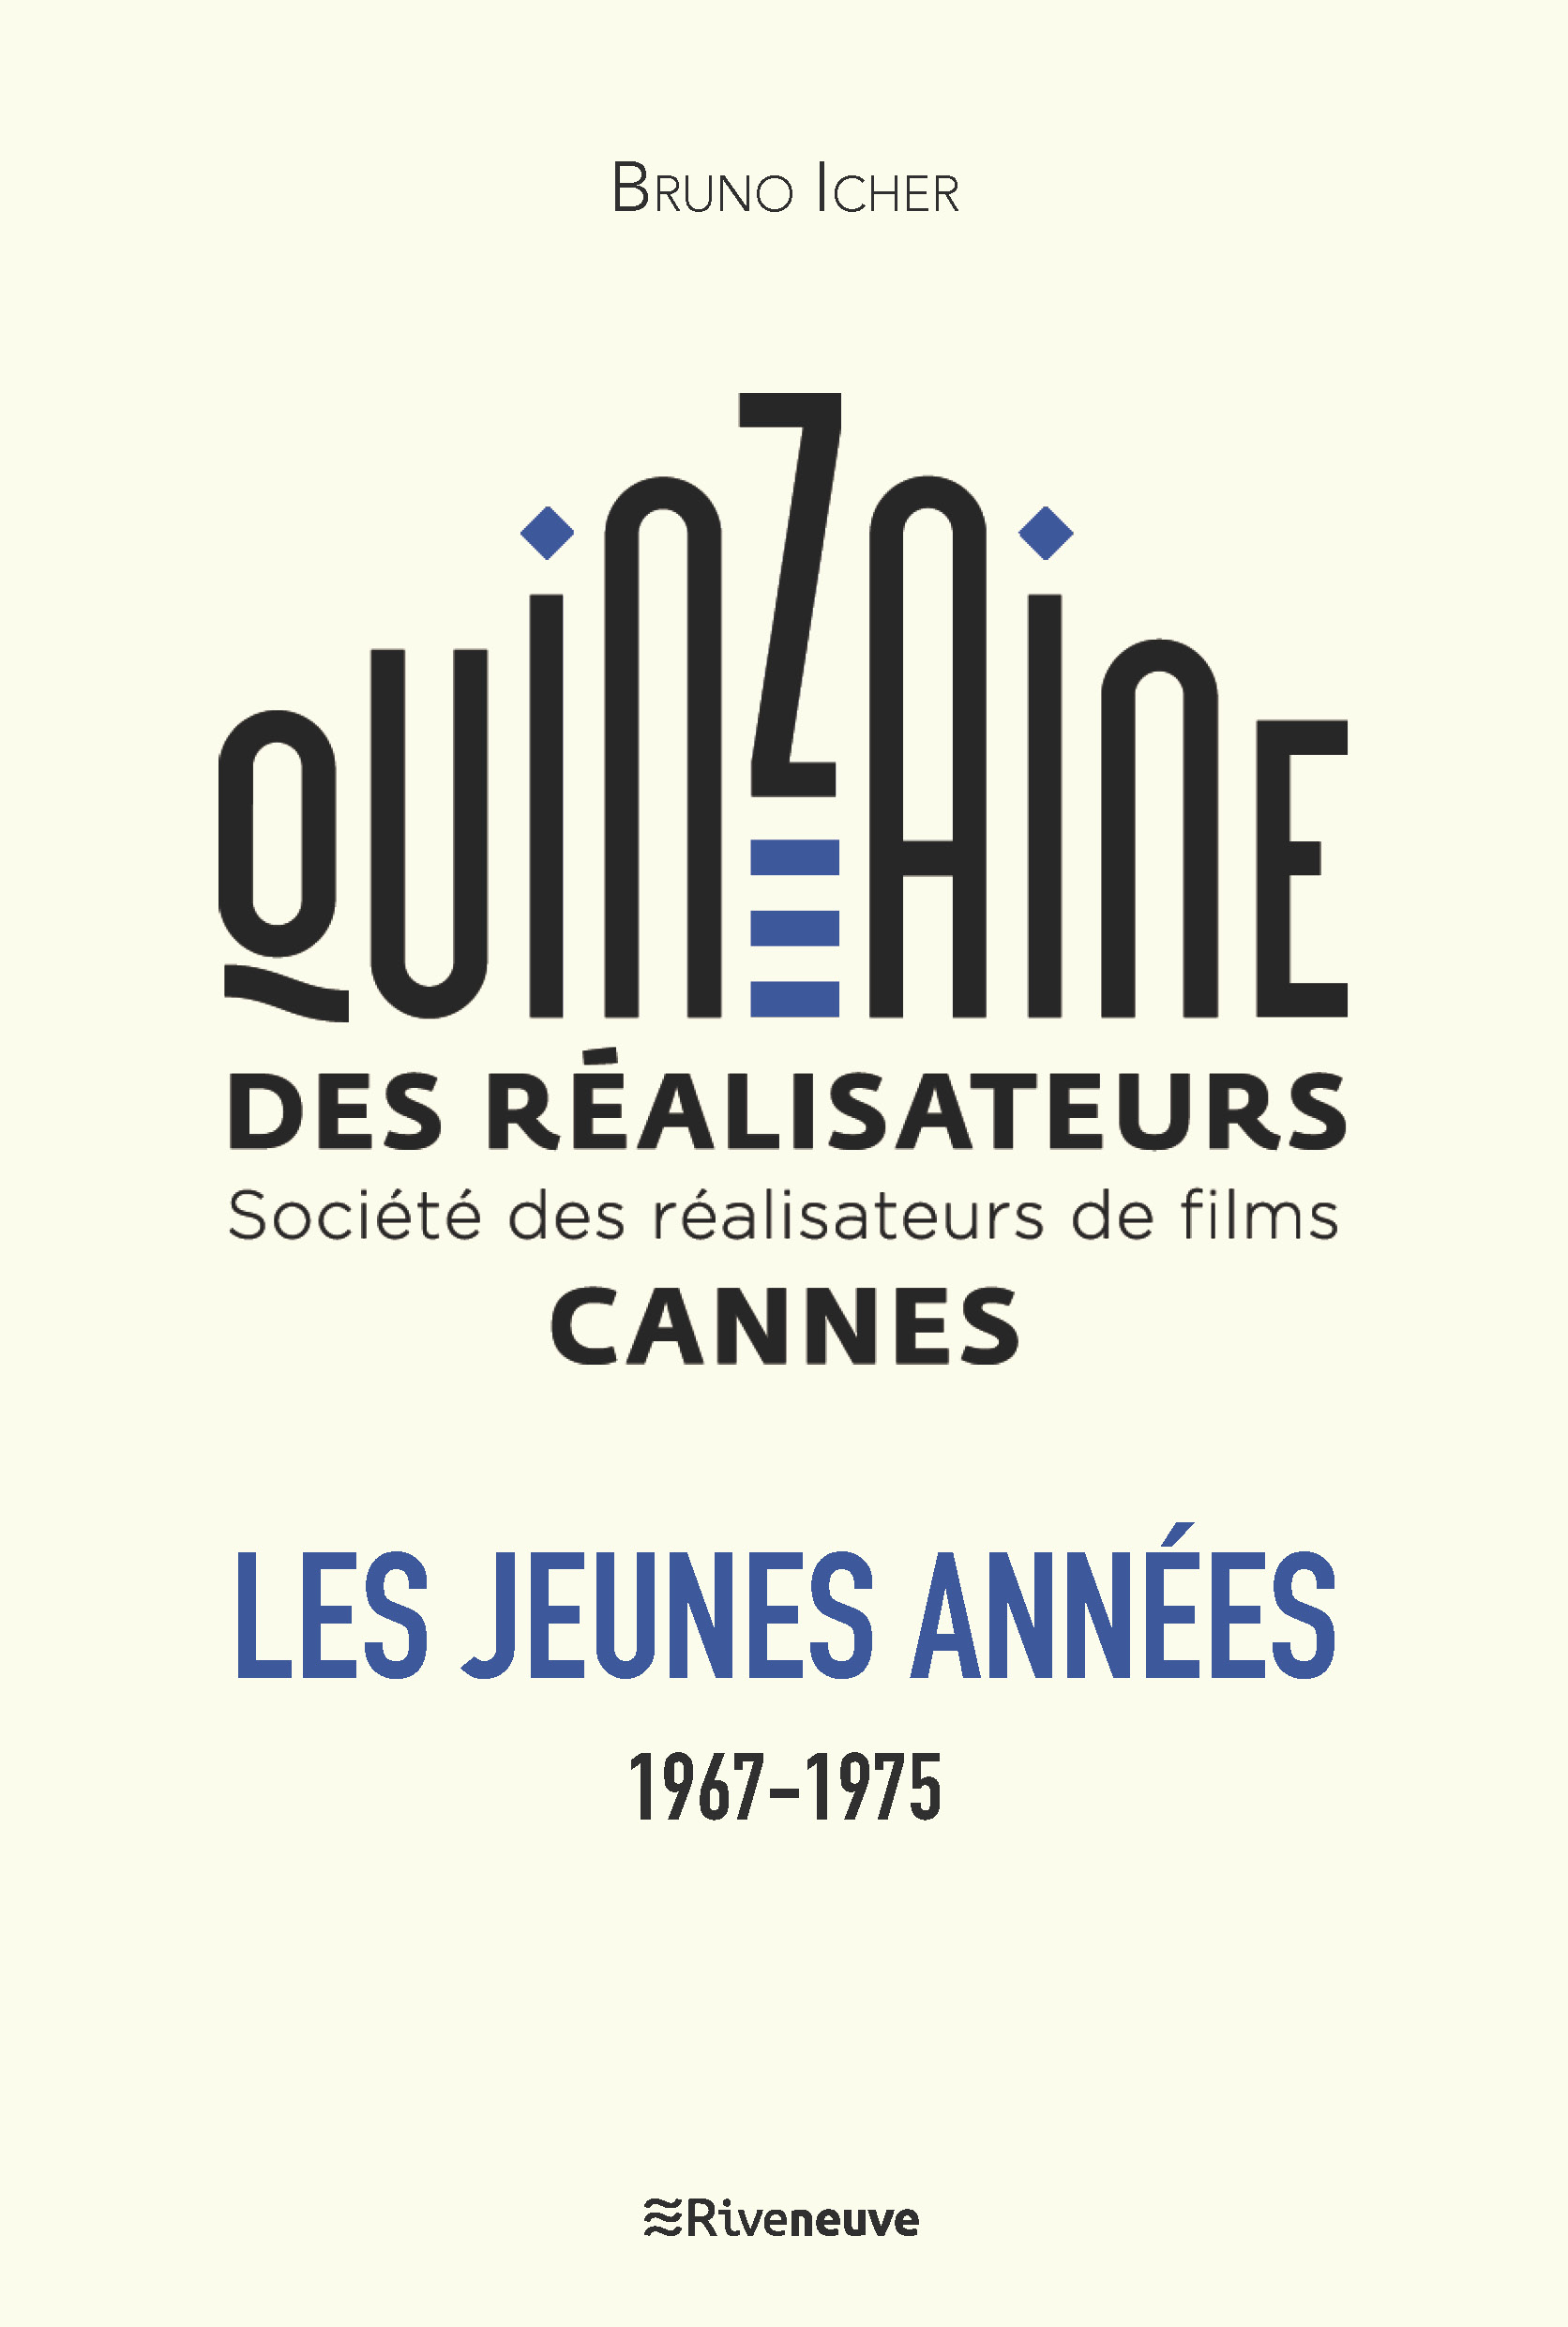 La quinzaine des réalisateurs. Les jeunes années 1967-1975